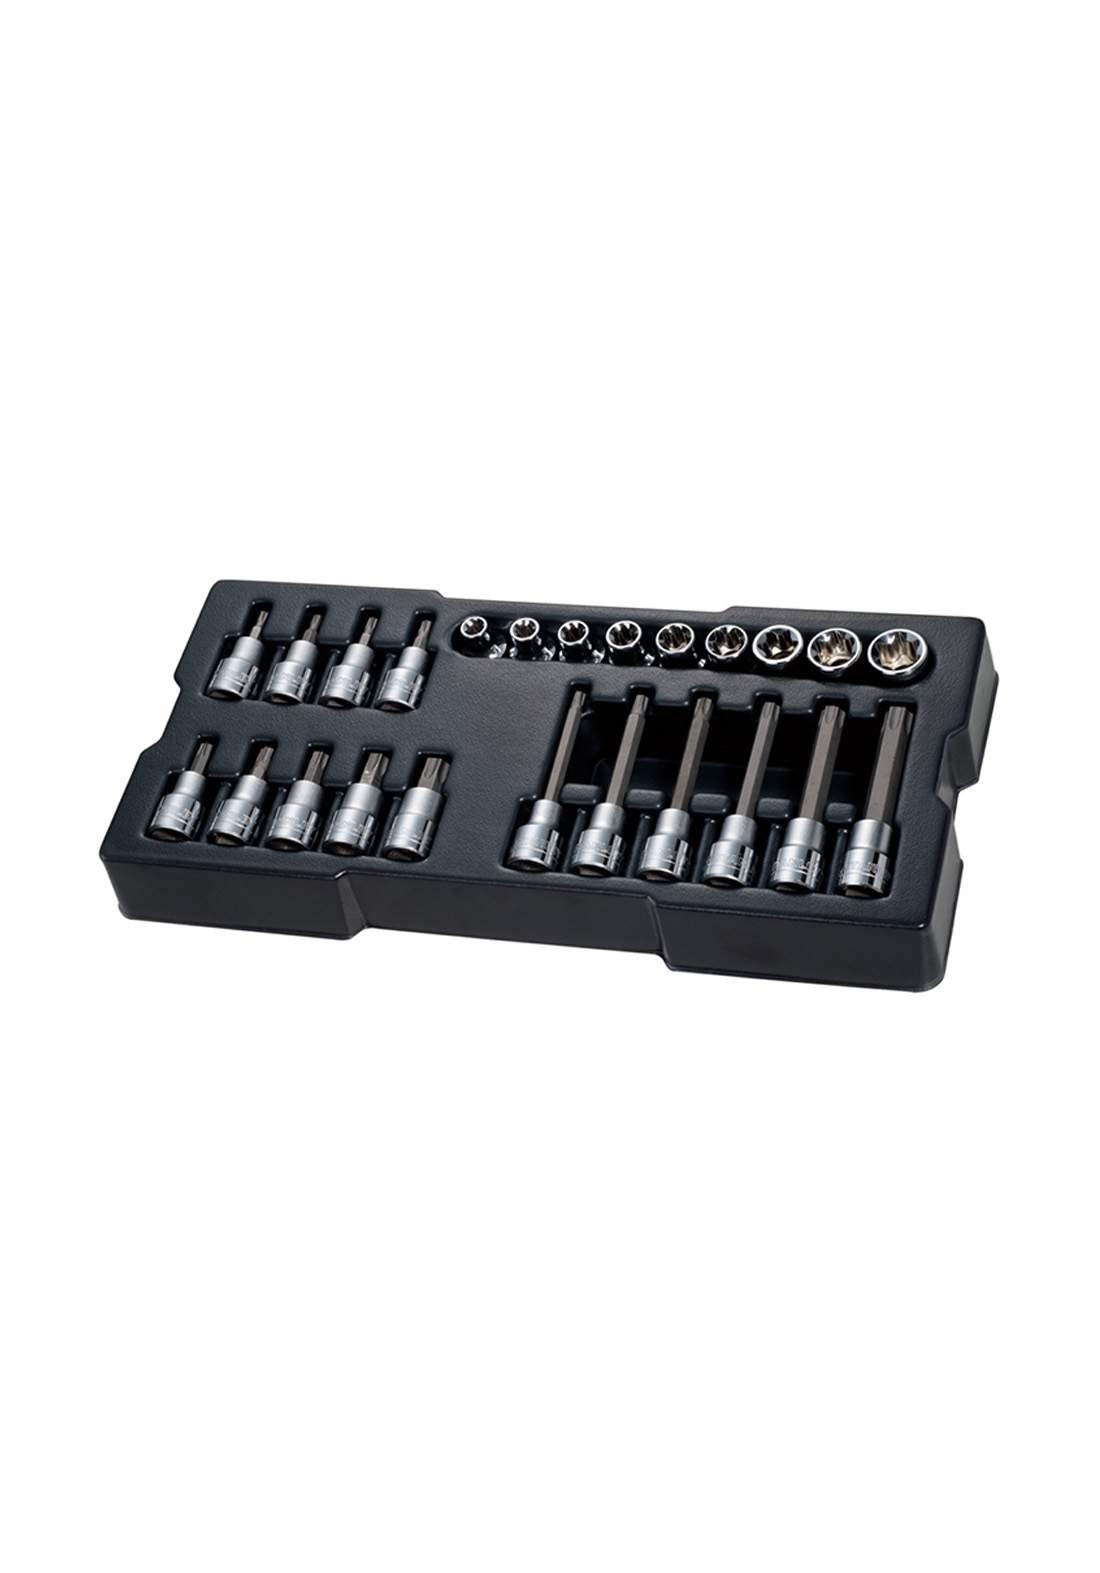 Stanley STMT74176-8 Metric Bit Socket Module  24pc 1/2 inch سيت لقم